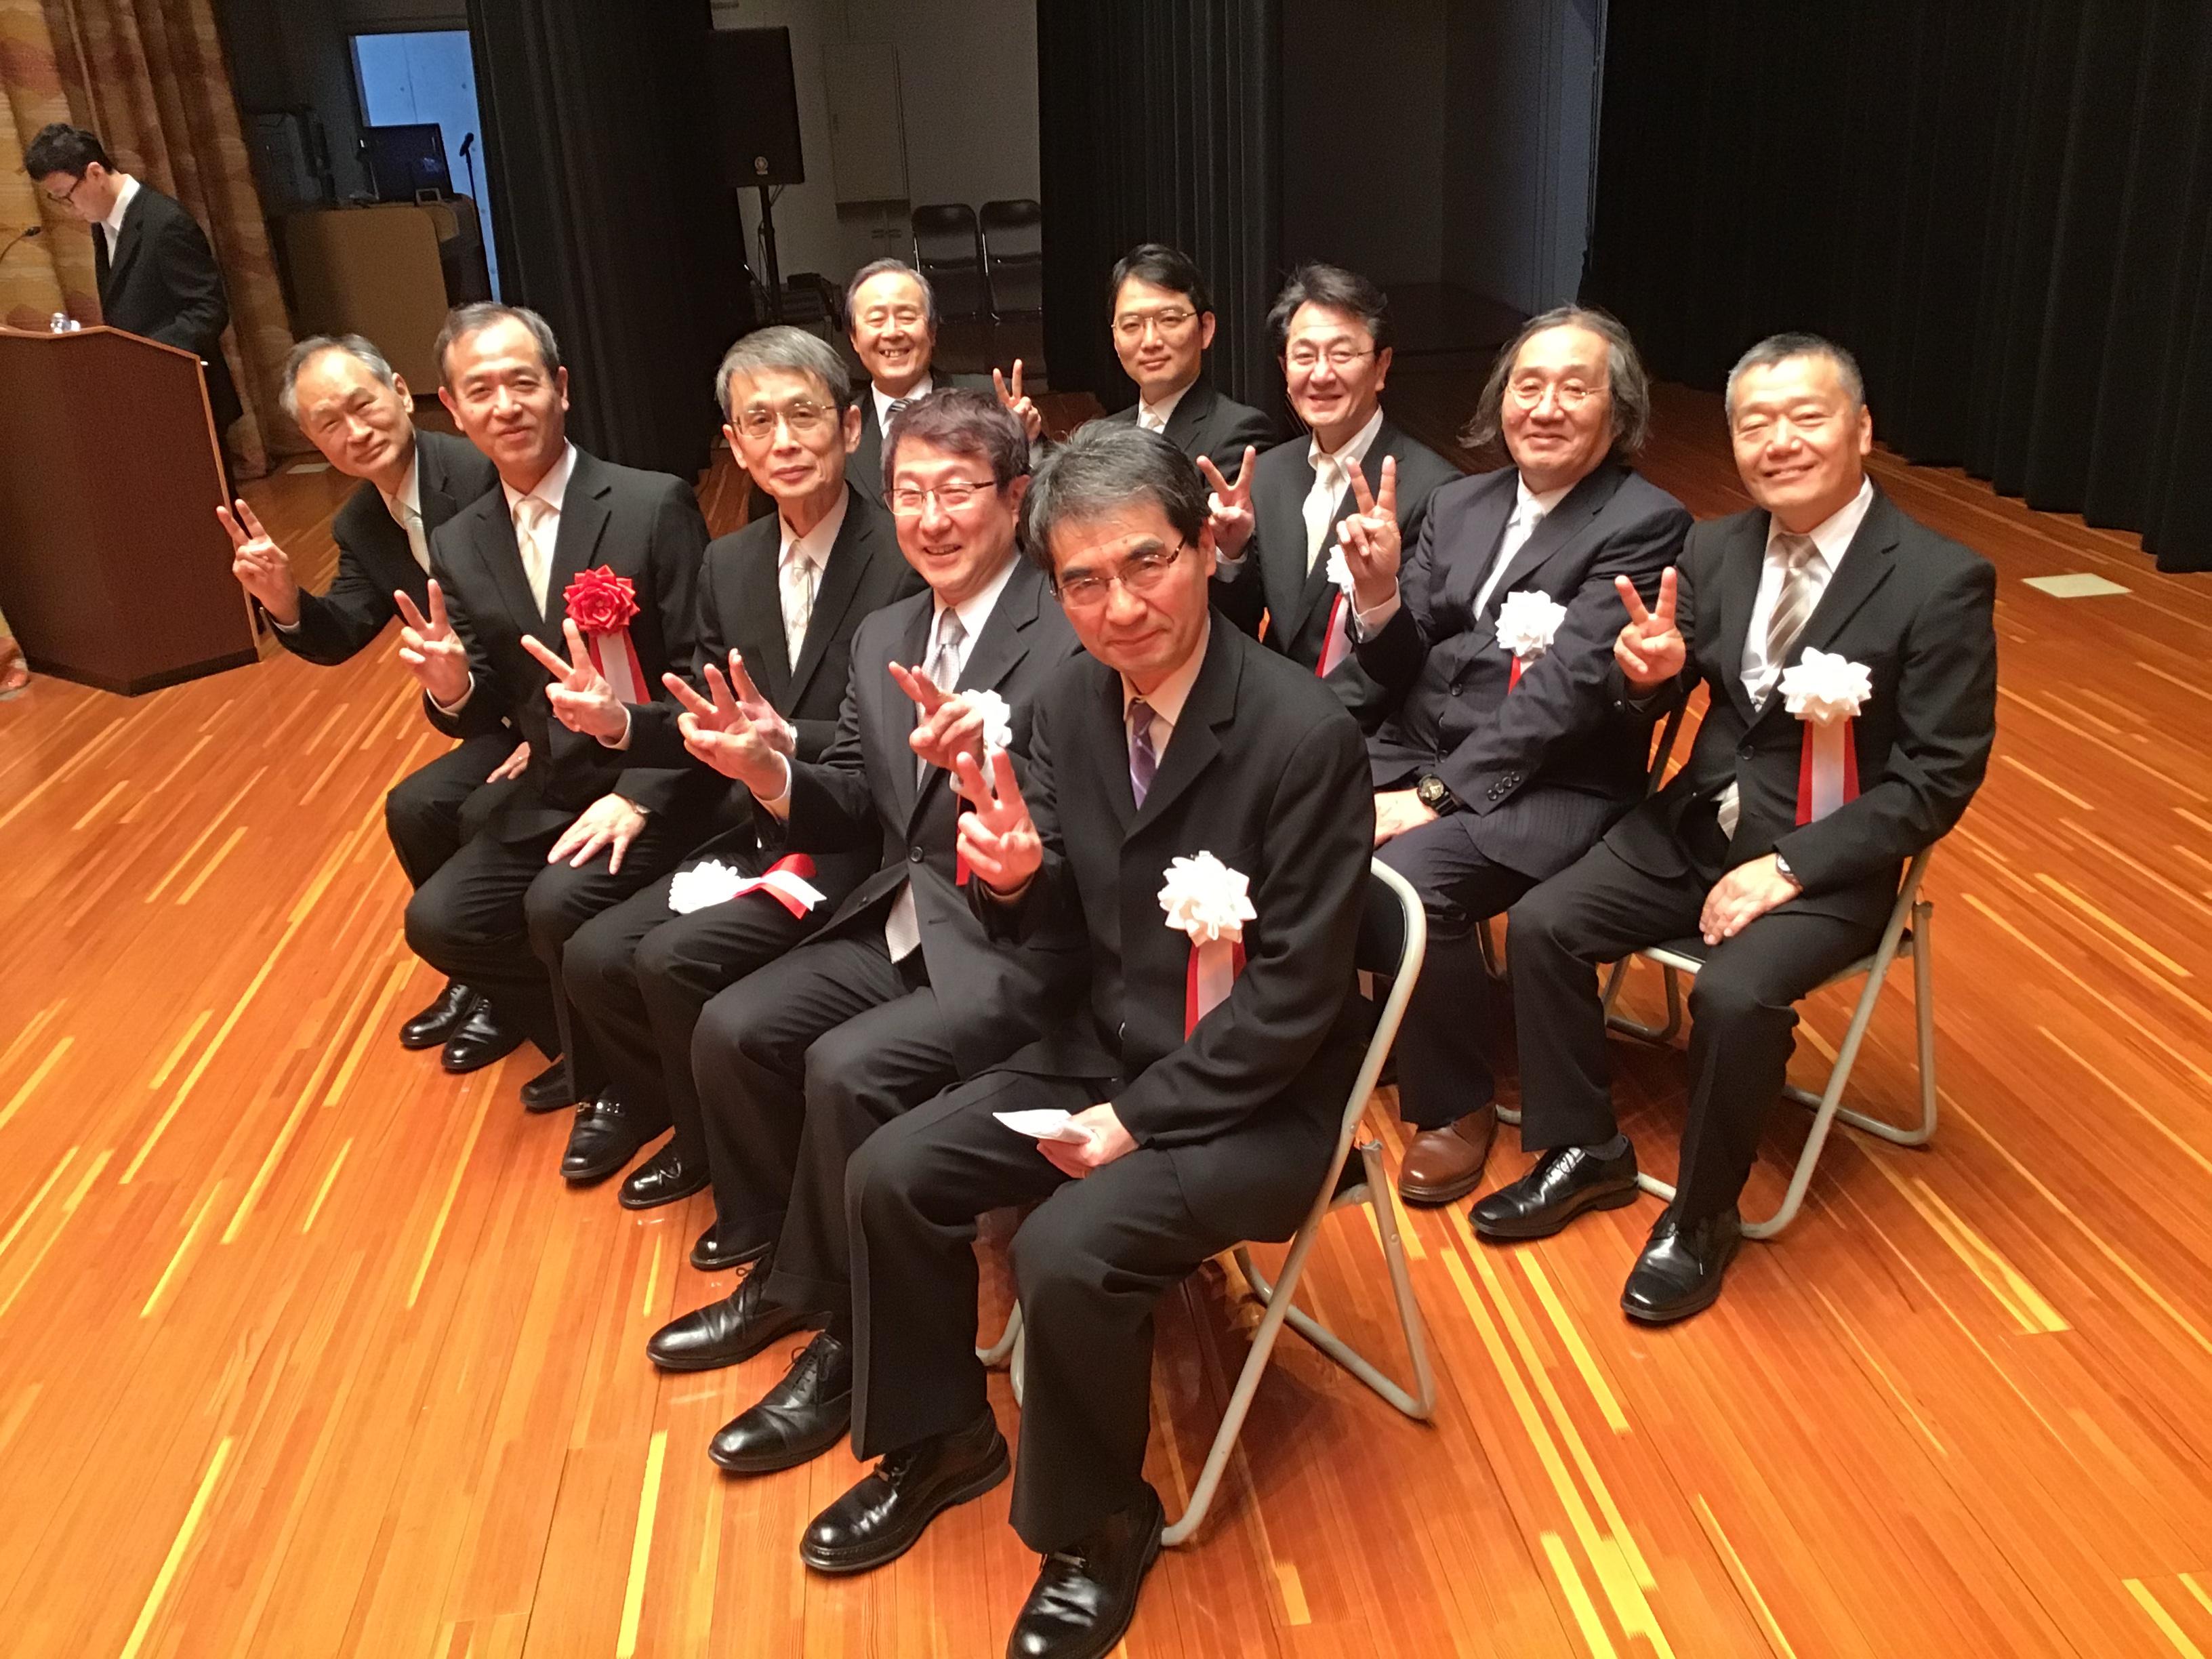 平成30年度 尚美学園大学・大学院学位授与式に尚友会高埜会長が参加しました。